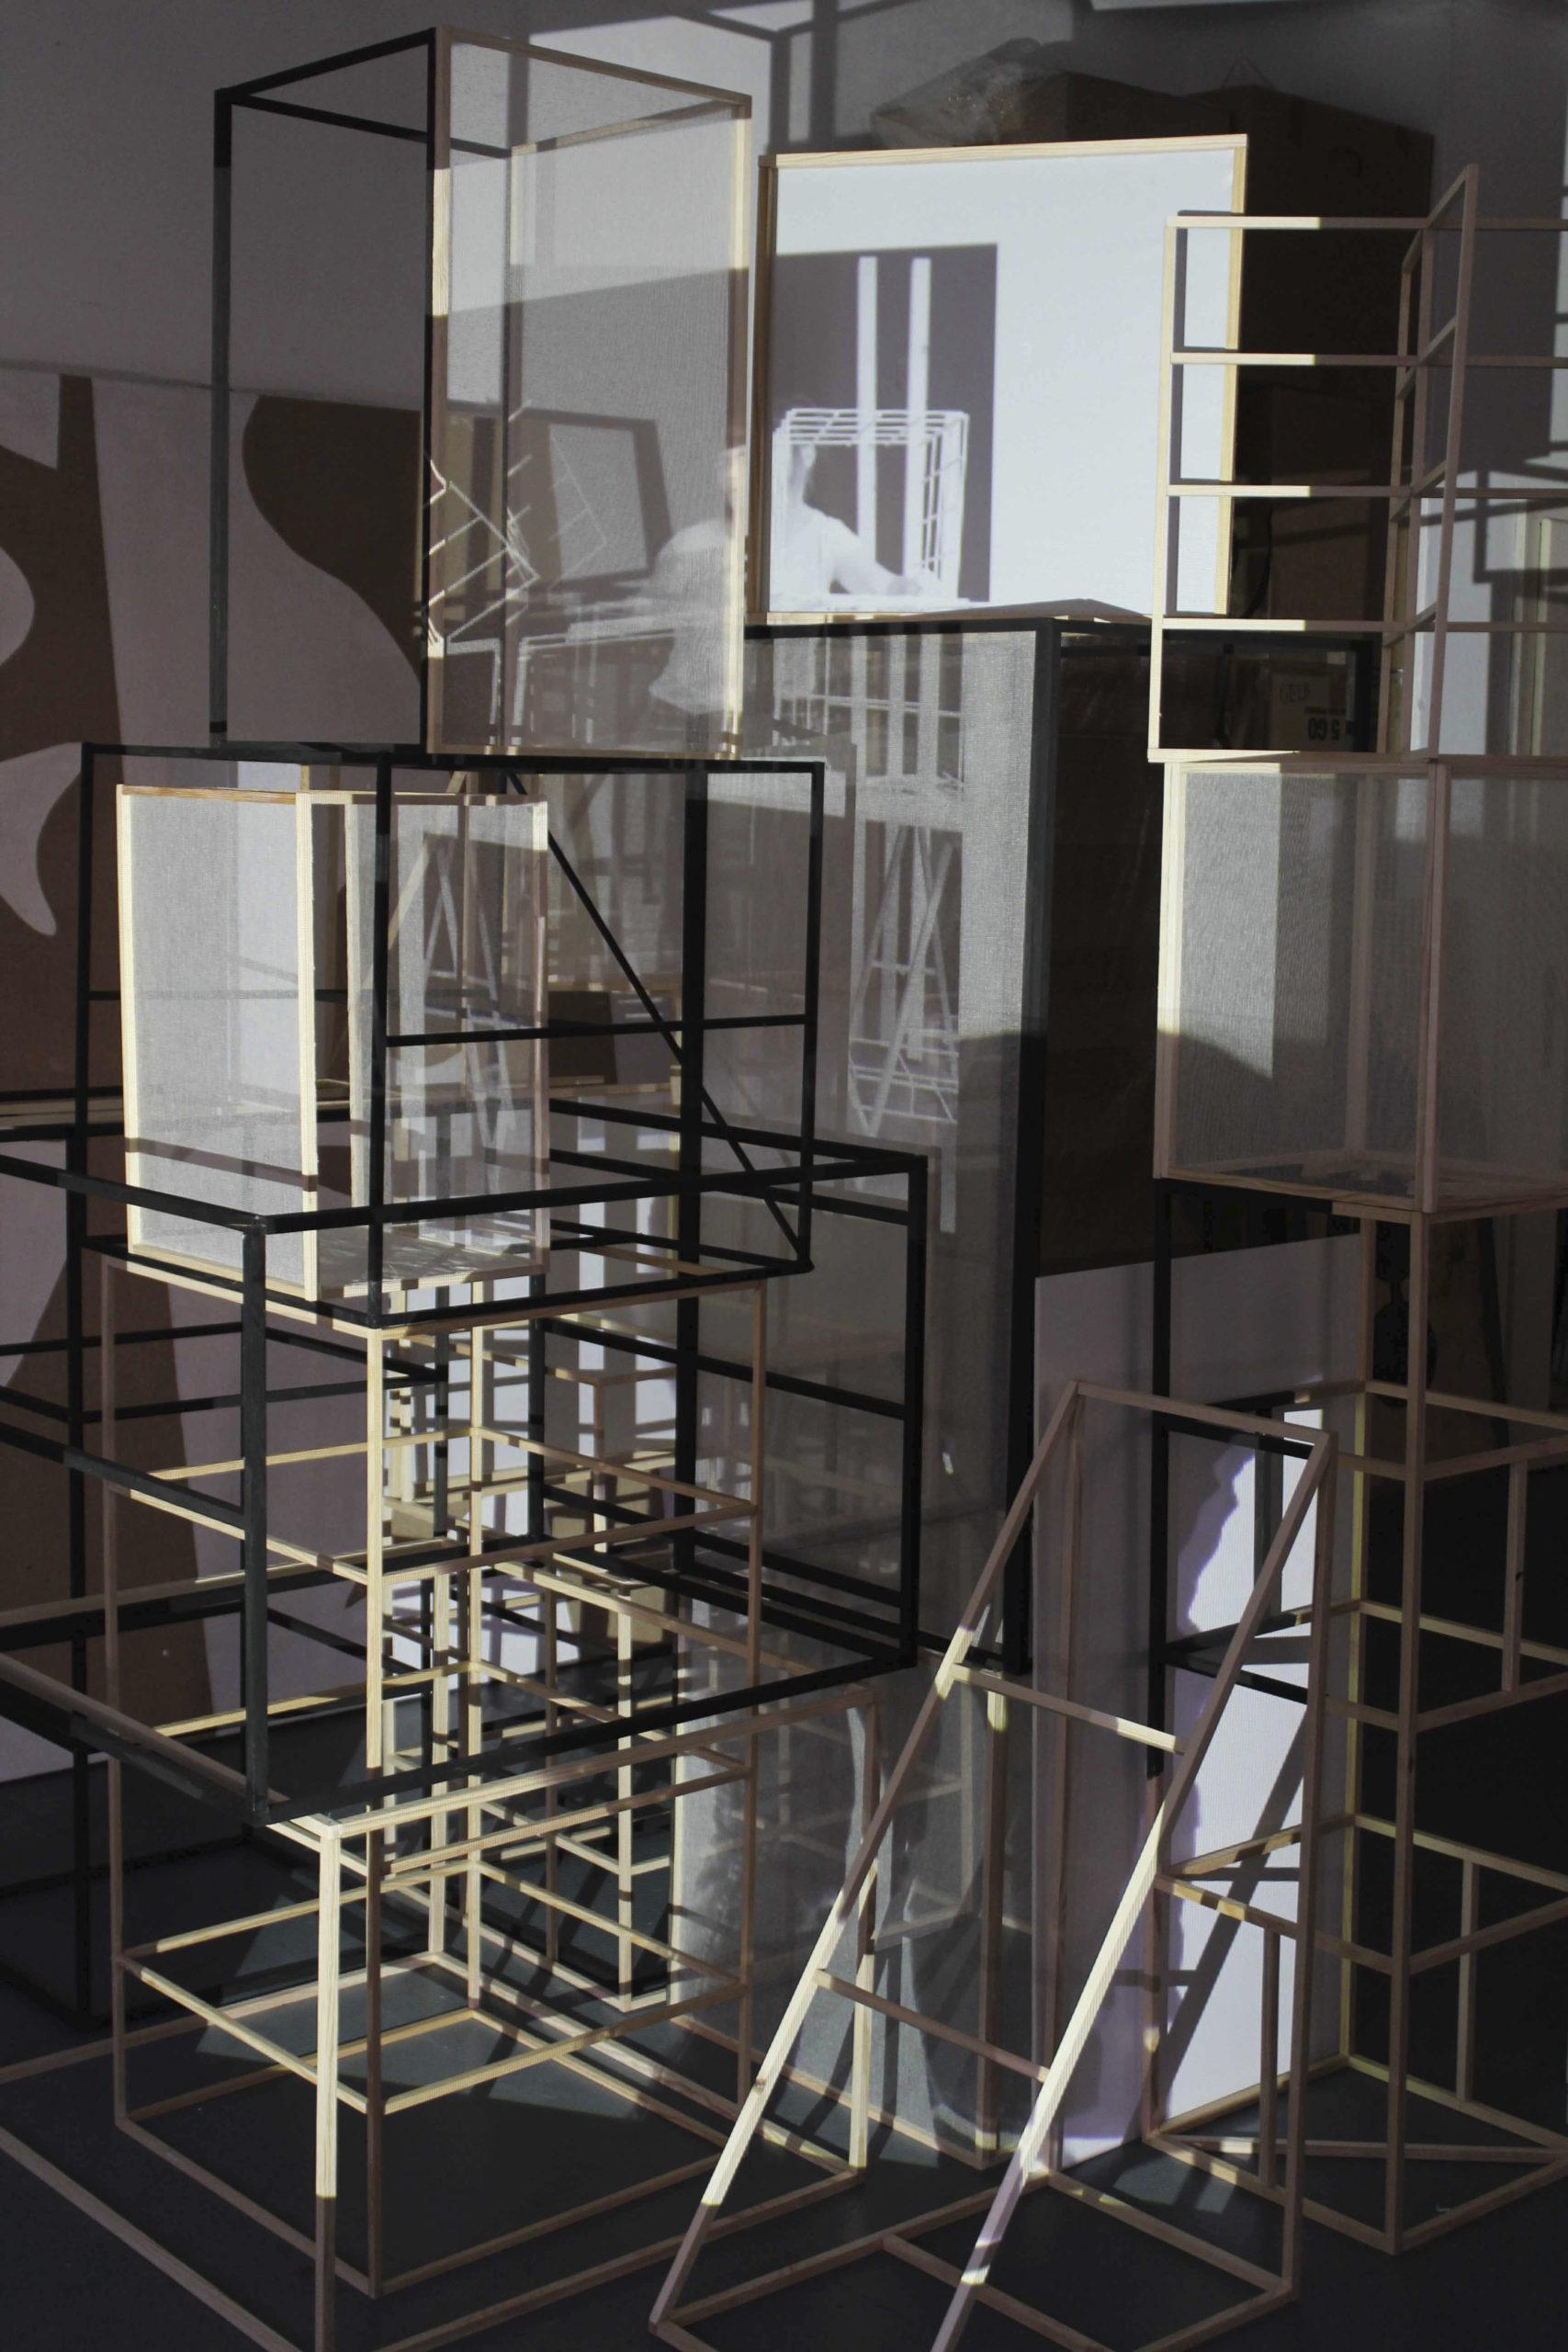 FAST FORWARD REWIND (Salzburger Kunstverein, 2018)  Foto: Andrew Phelps